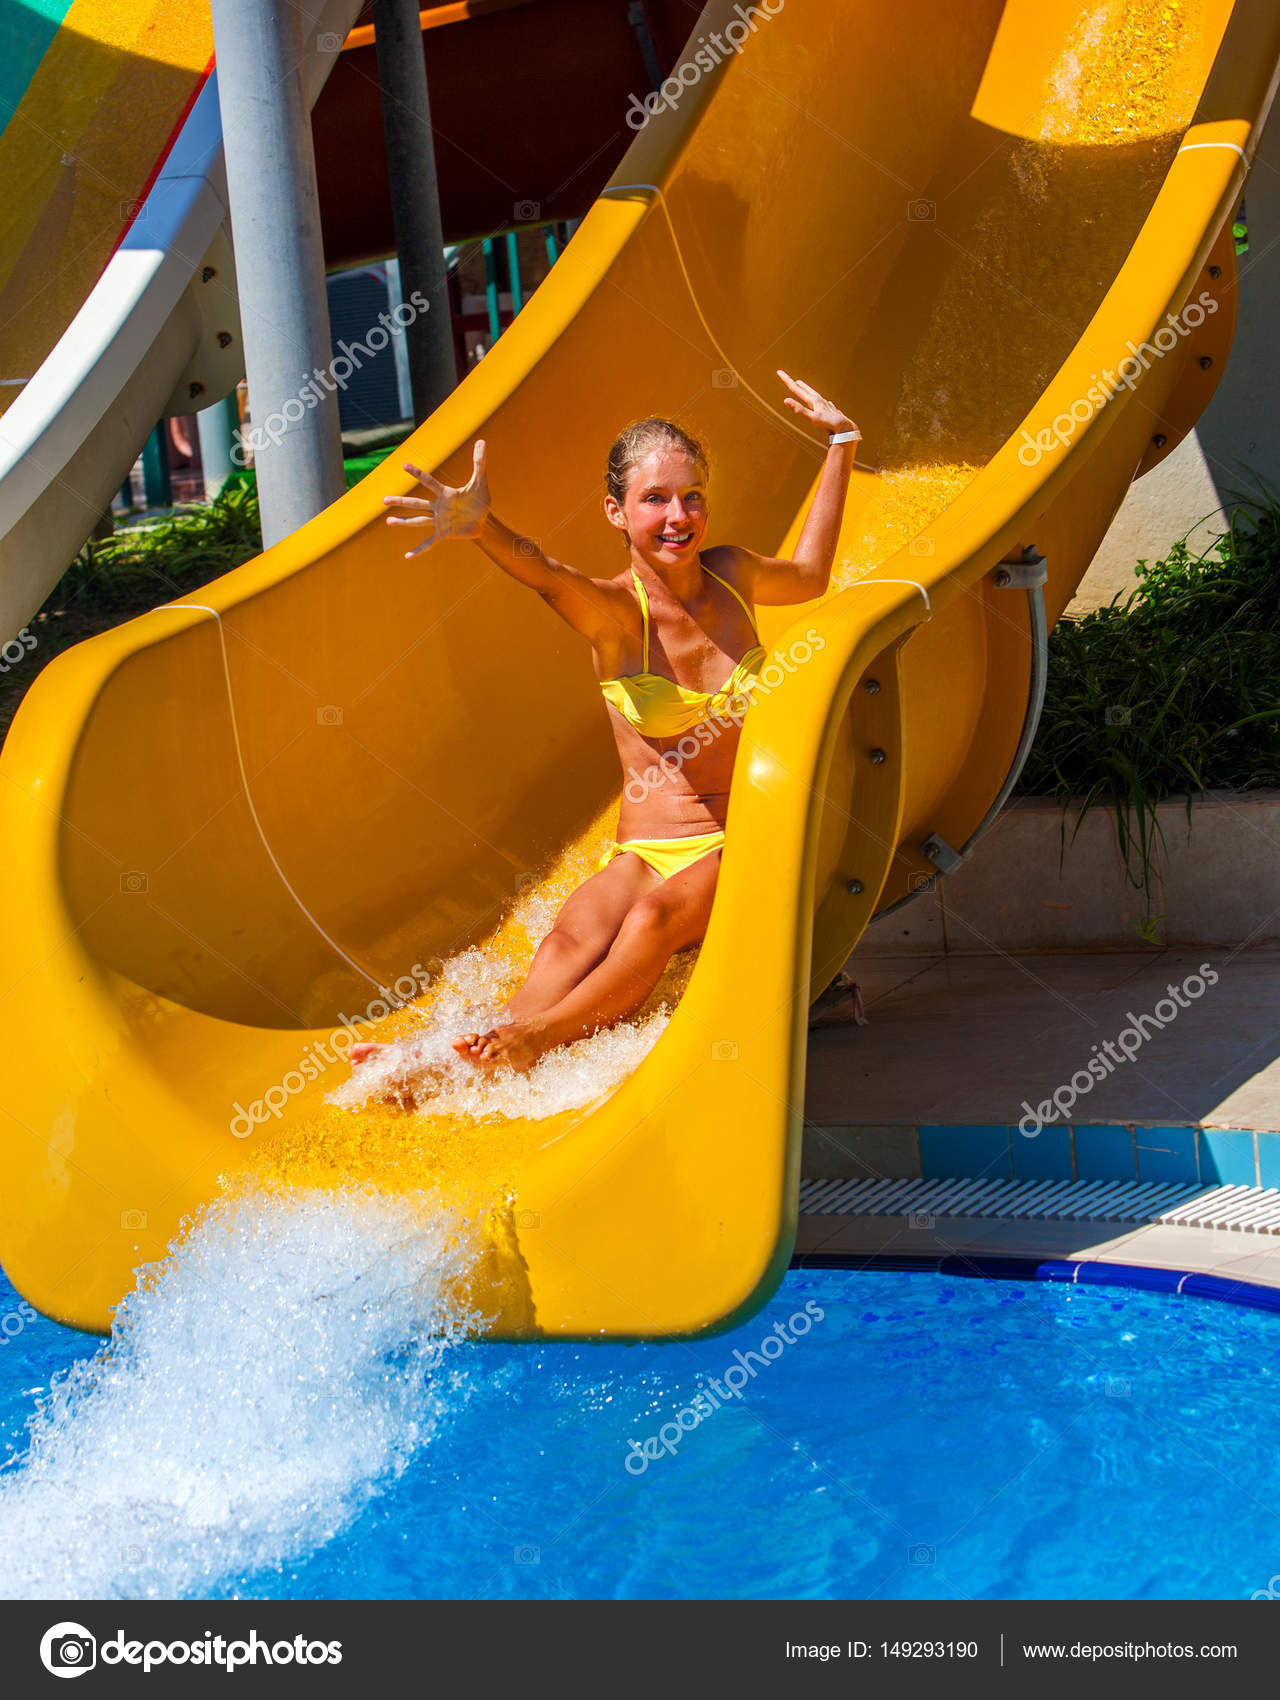 Schwimmbad Folien Für Kind Auf Blauem Wasser Rutschen Im Aquapark. Kind  Fahrt Sommerurlaub Im Freien. Glückliches Mädchen Teen In Zweiteiligen  Badeanzug Mit ...